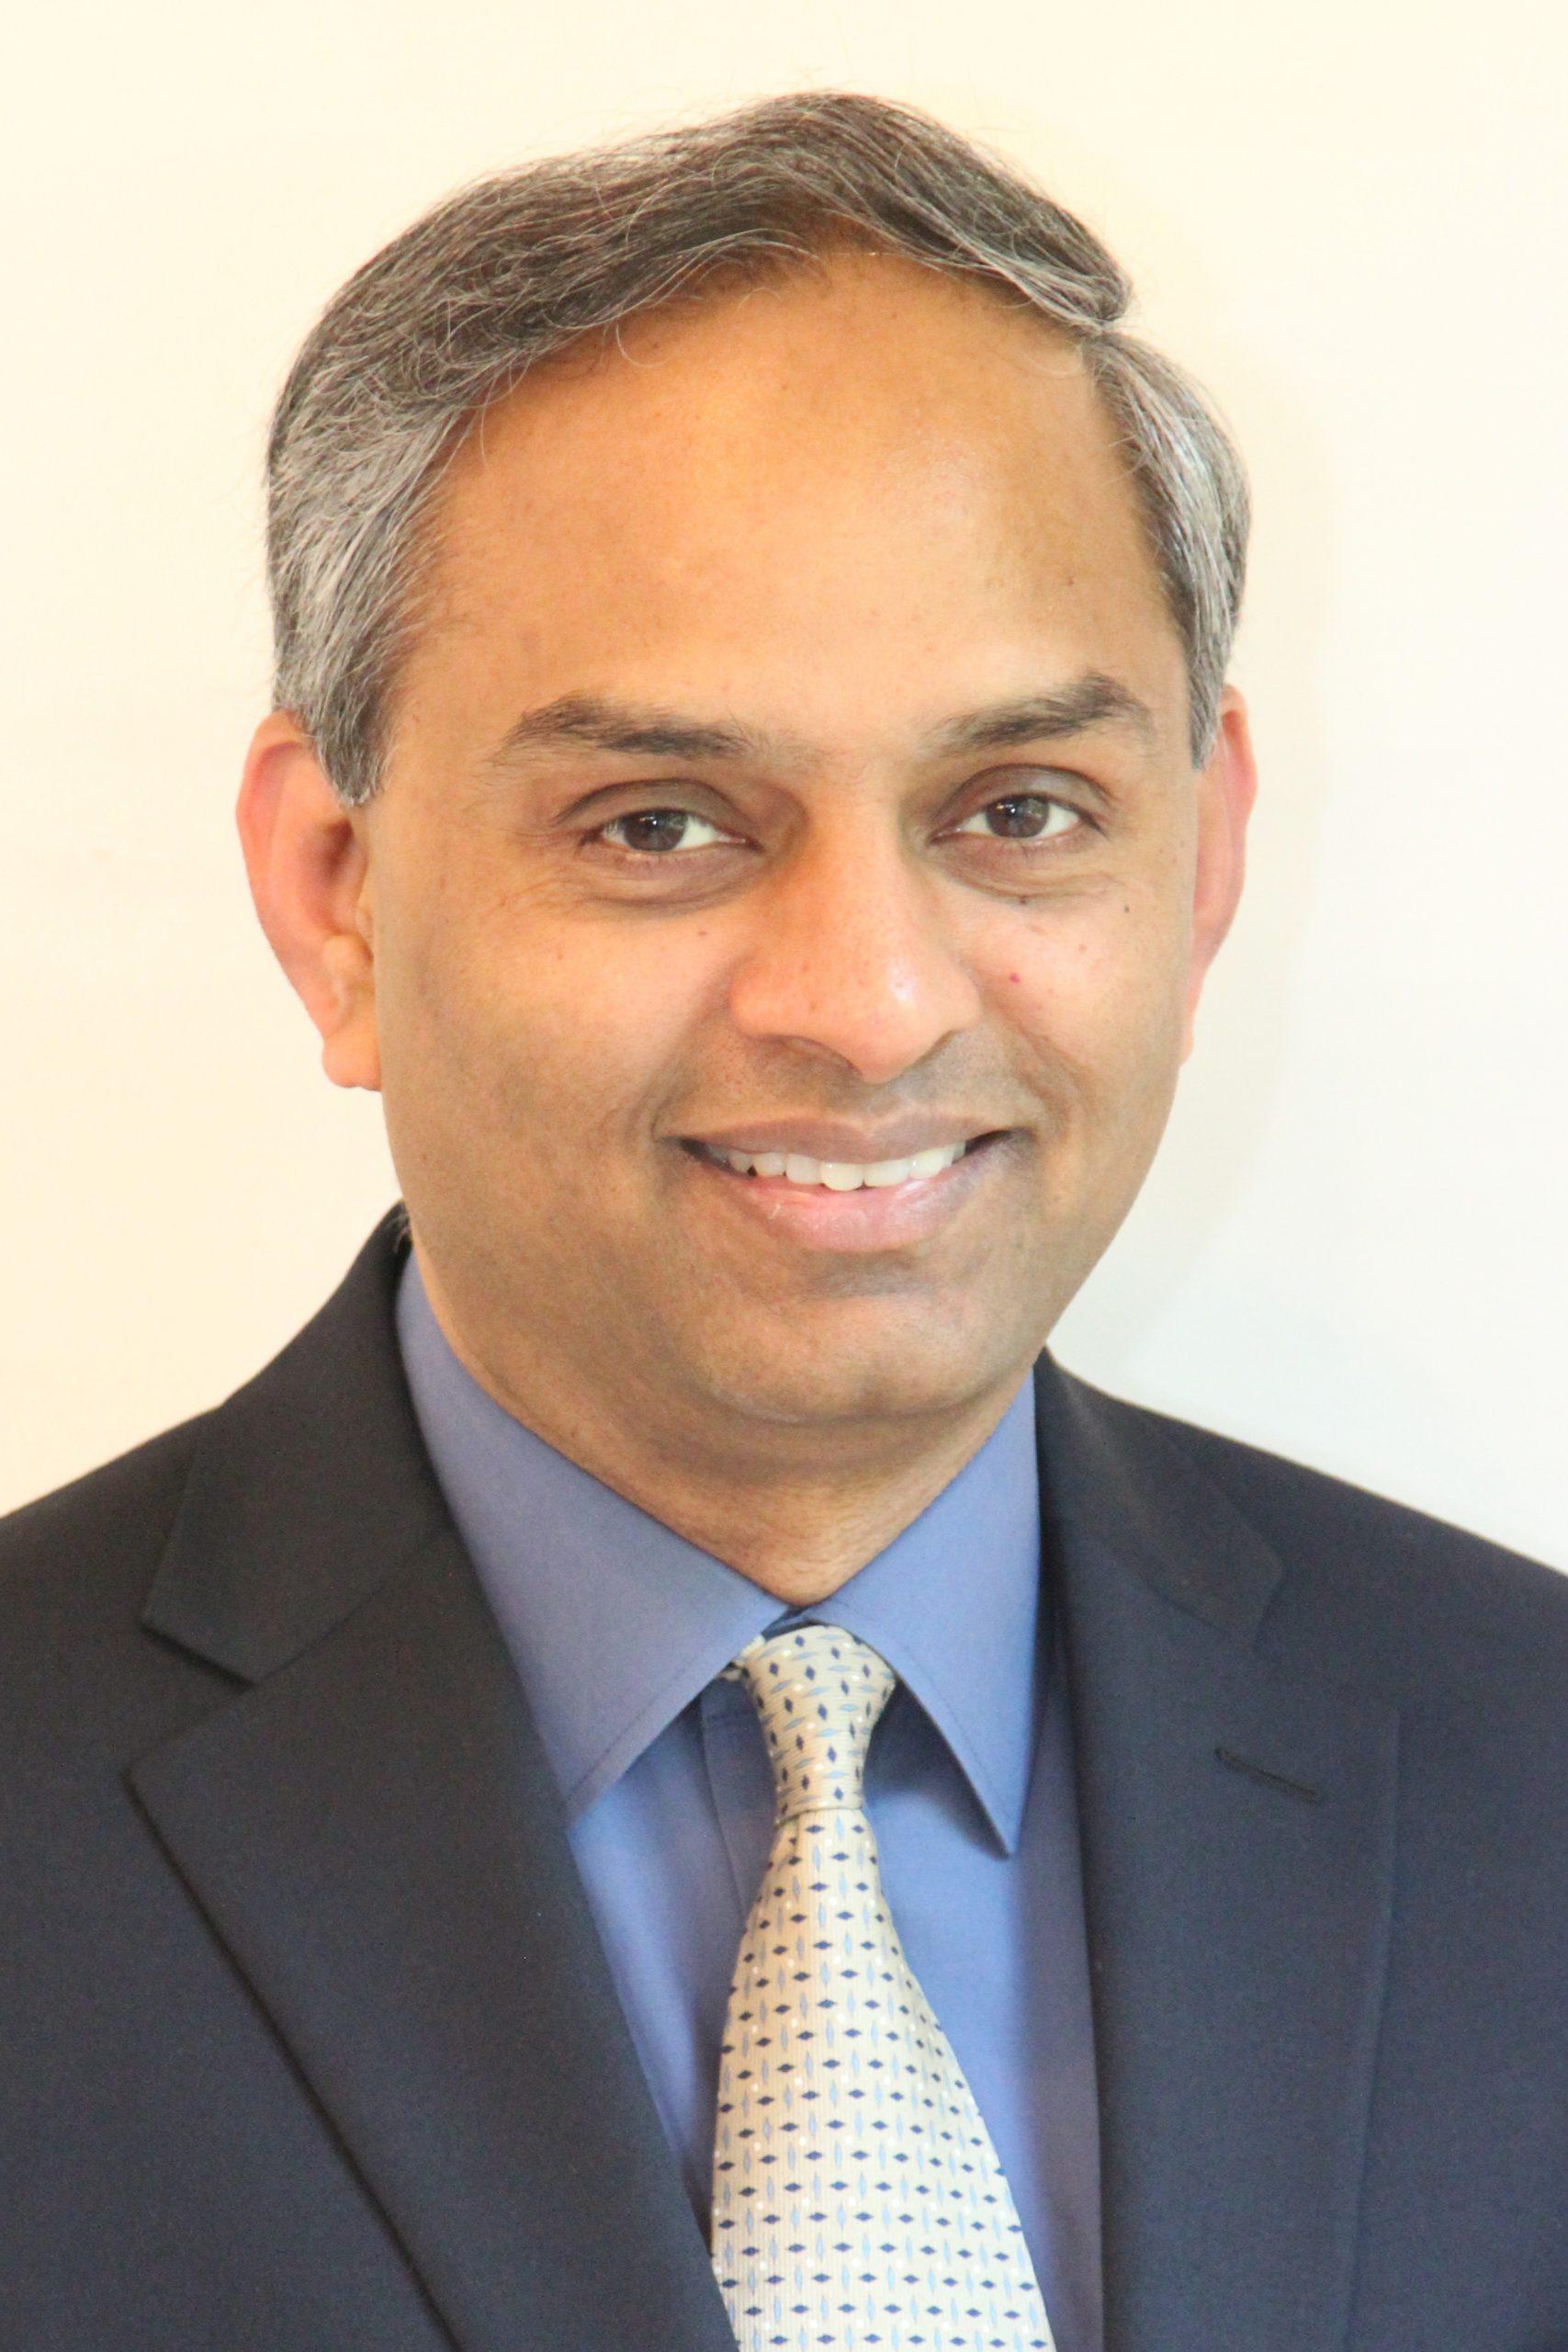 Dr. Sattva Neelapu